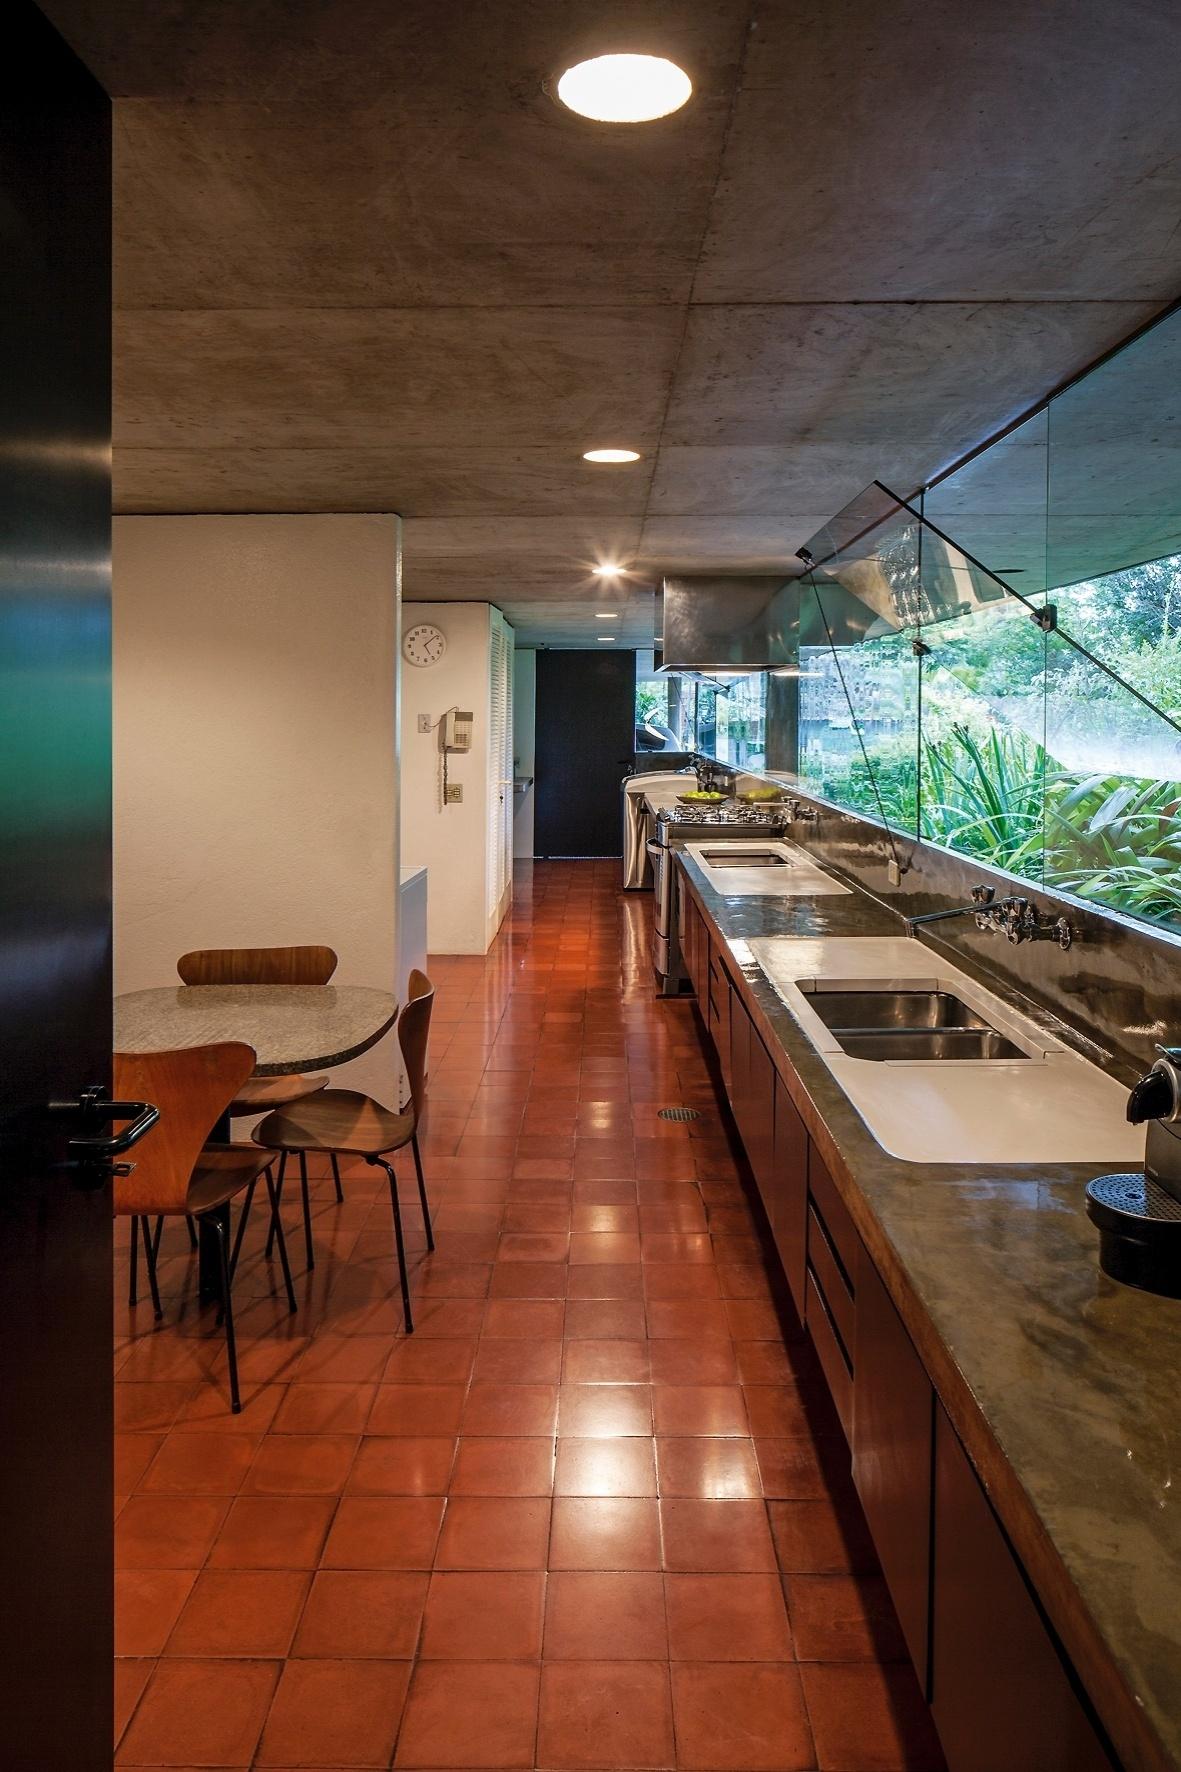 Cozinha Casa De Banho Sala De Estar Quarto Adulto Quarto Criança  #783D24 1181 1772